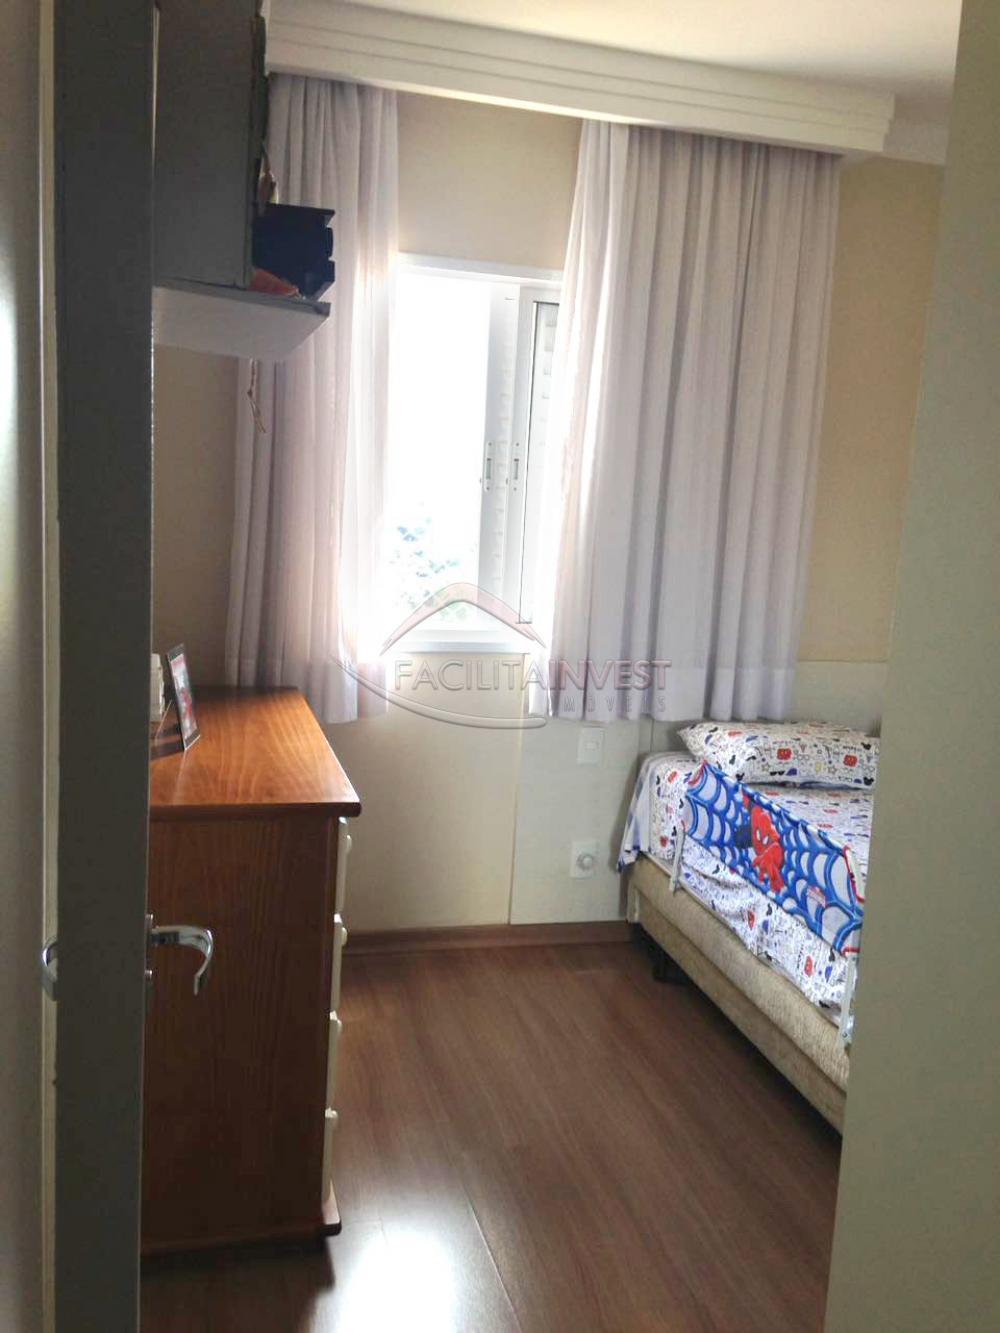 Comprar Apartamentos / Apart. Padrão em Ribeirão Preto apenas R$ 730.000,00 - Foto 5